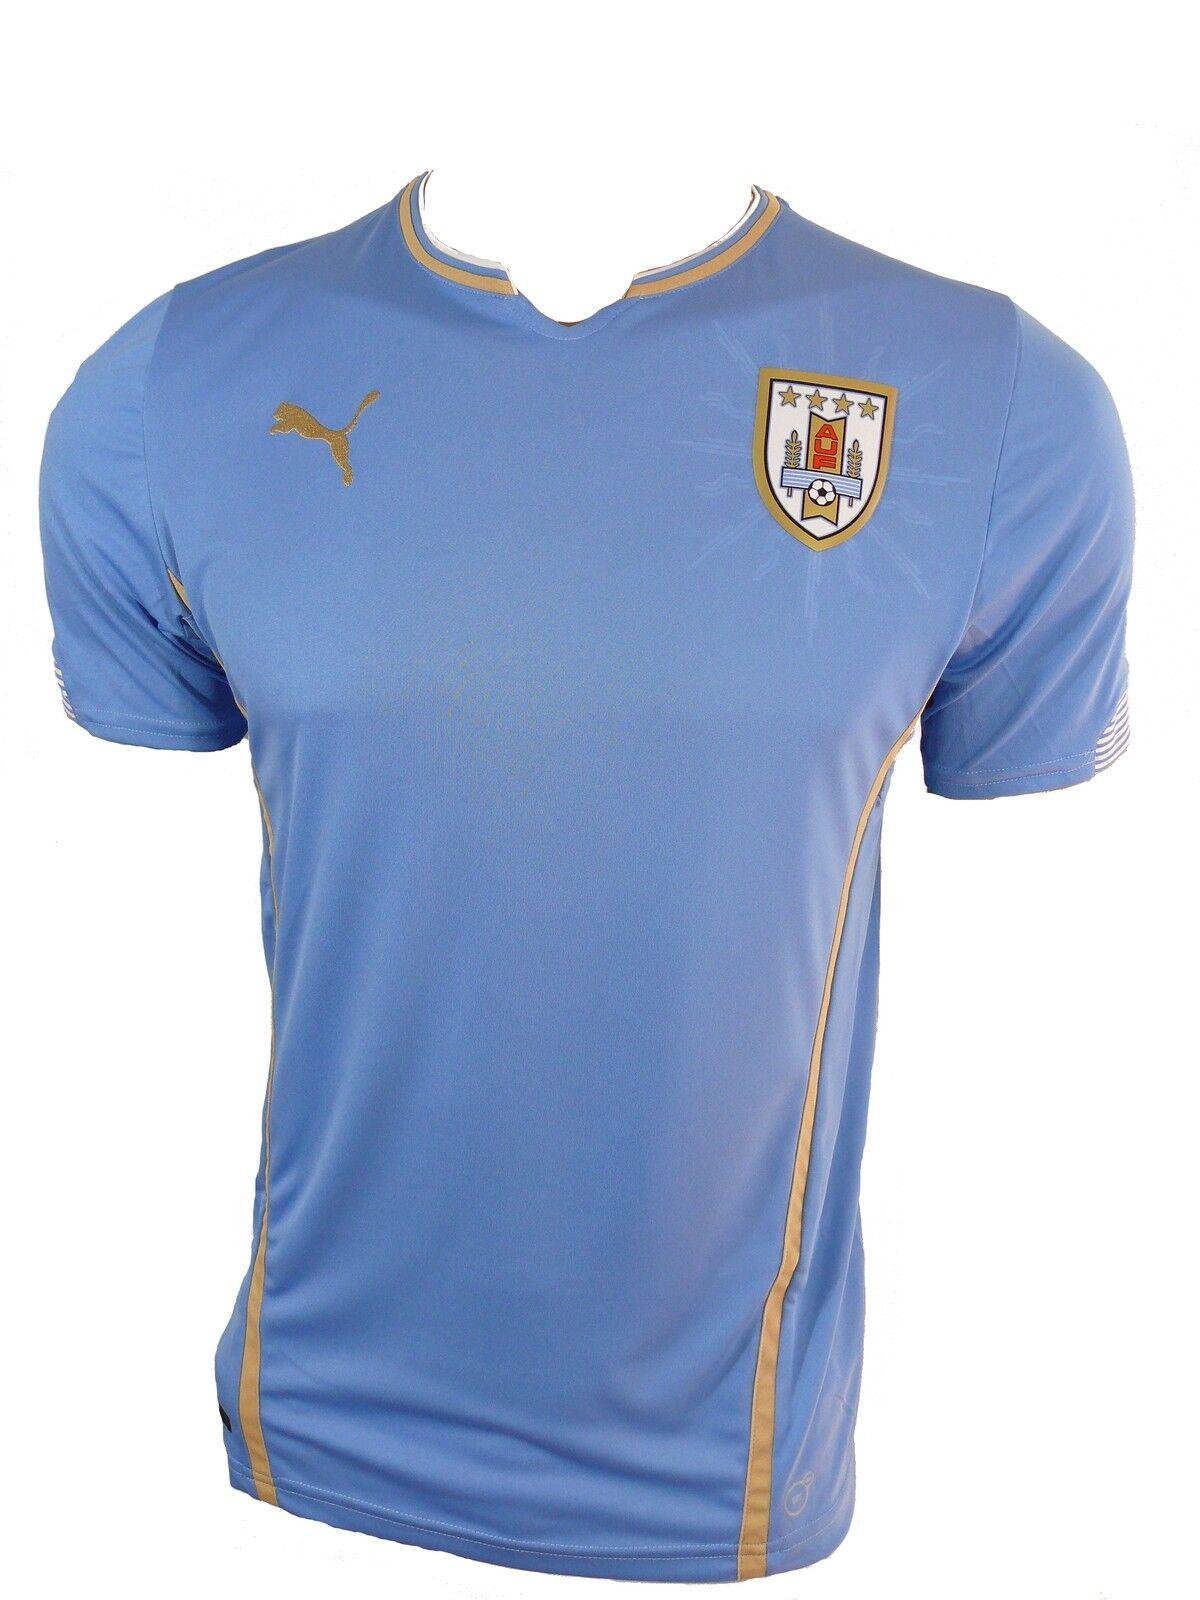 PUMA Herren Uruguay Uruguay Uruguay Trikot Jersey Gr. L 5a31c9